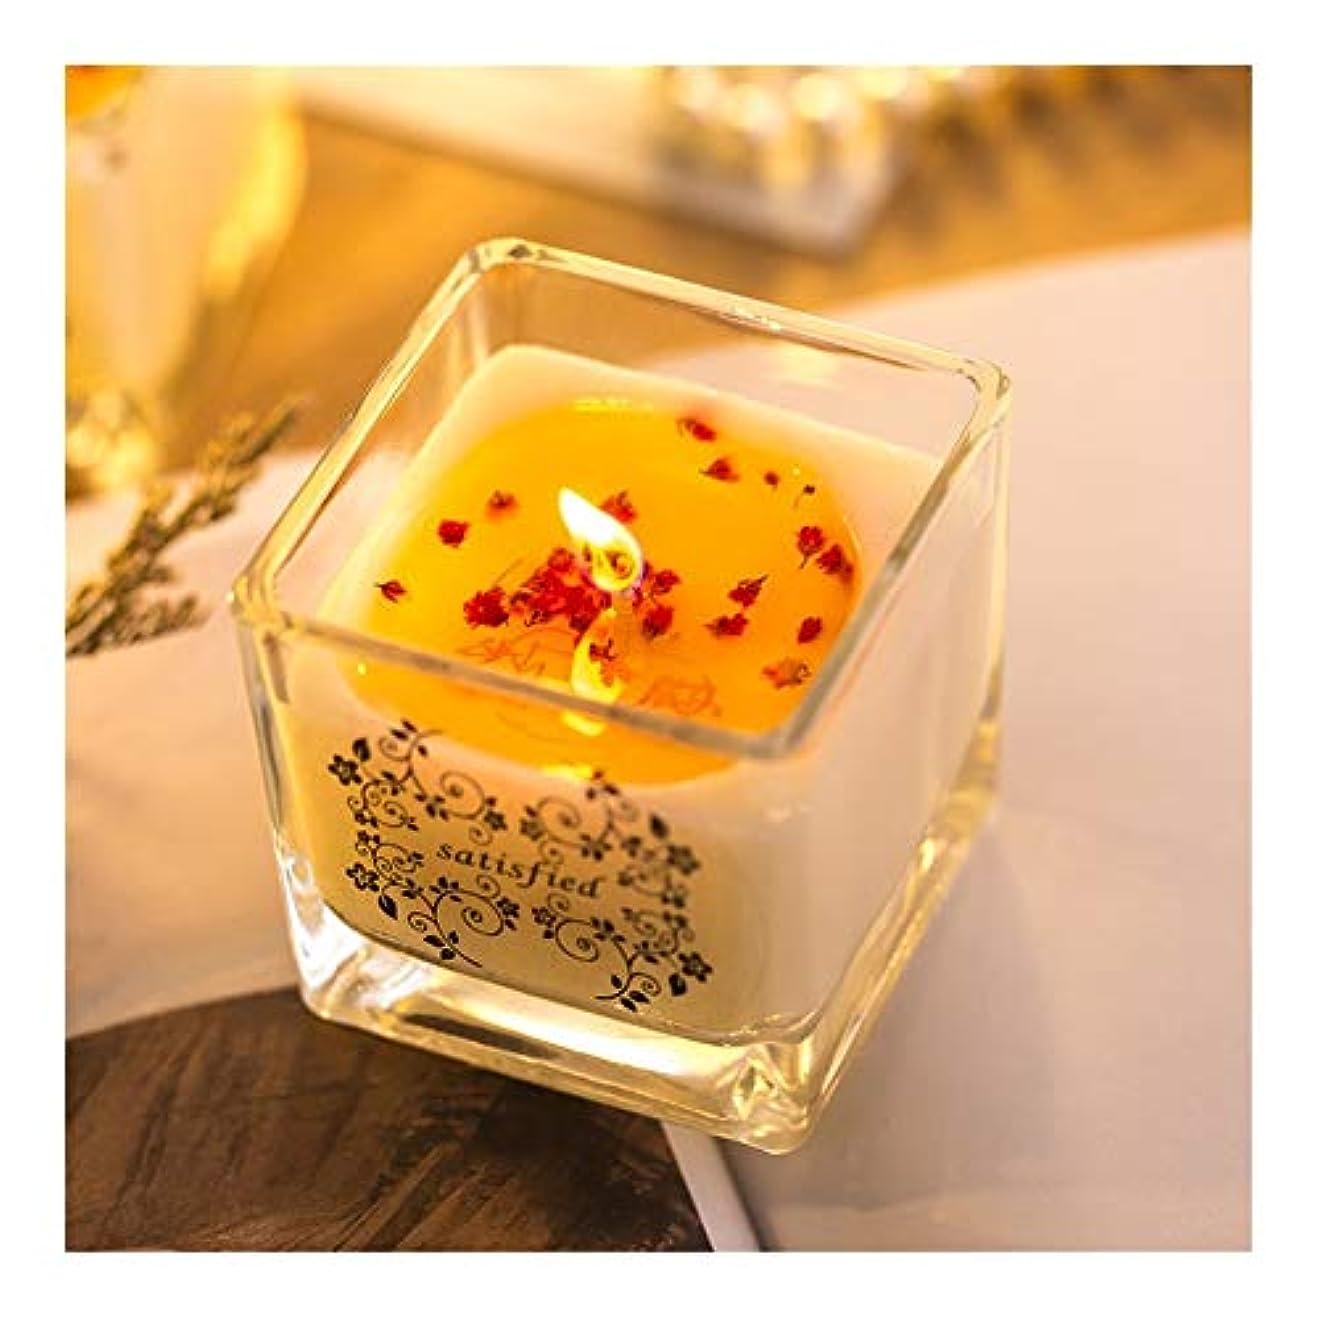 あたりカプラー汚染するZtian 手作りアロマセラピー大豆キャンドルロマンチックな結婚結婚ガラスの花びら輸入無煙エッセンシャルオイルキャンドル卸売 (色 : Green tea)